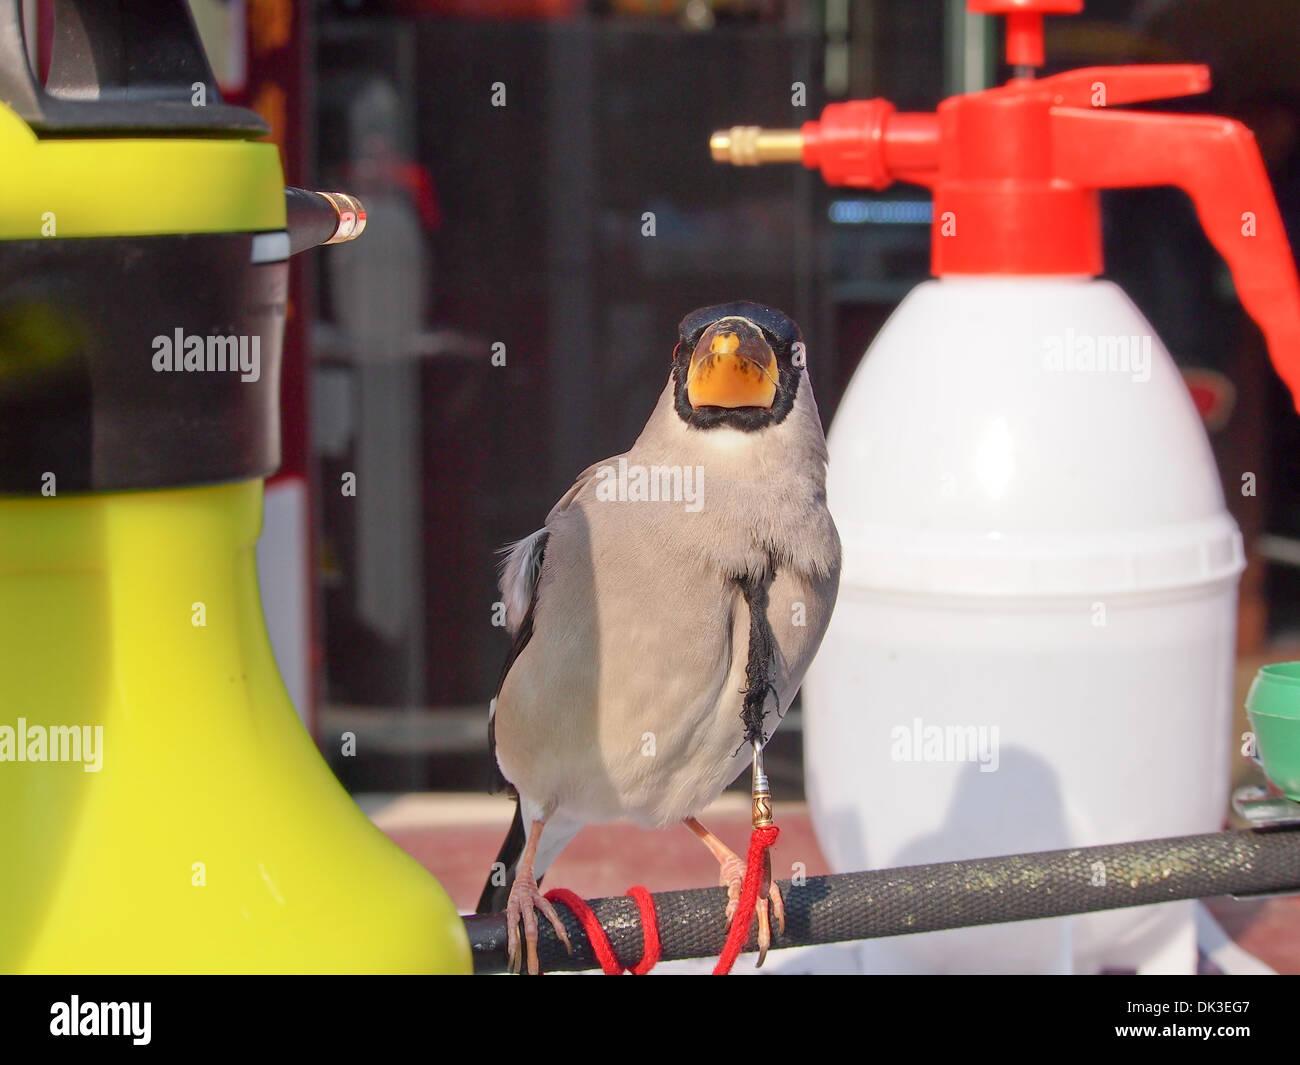 Tethered bird in China Stock Photo